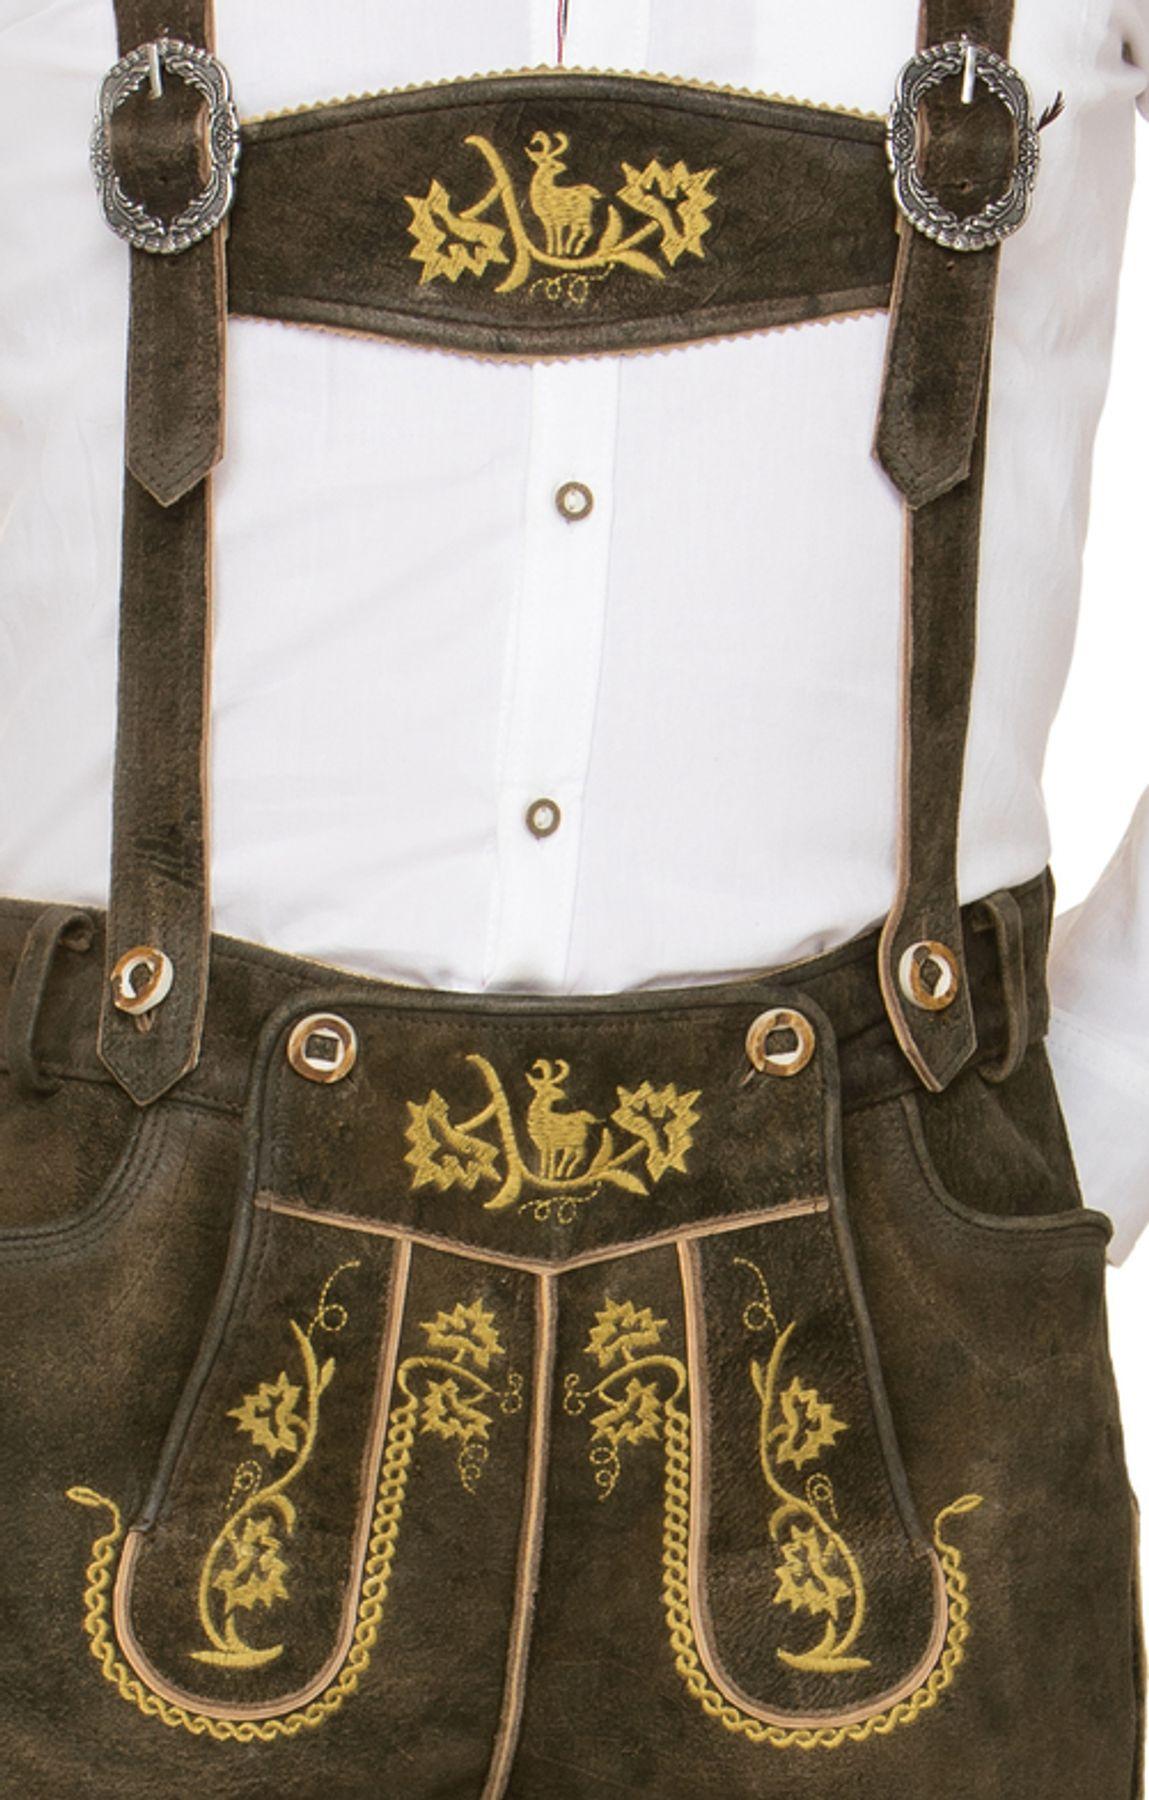 Stockerpoint - Herren Trachten Lederhose mit Träger, in verschiedenen Farben, Edgar – Bild 14